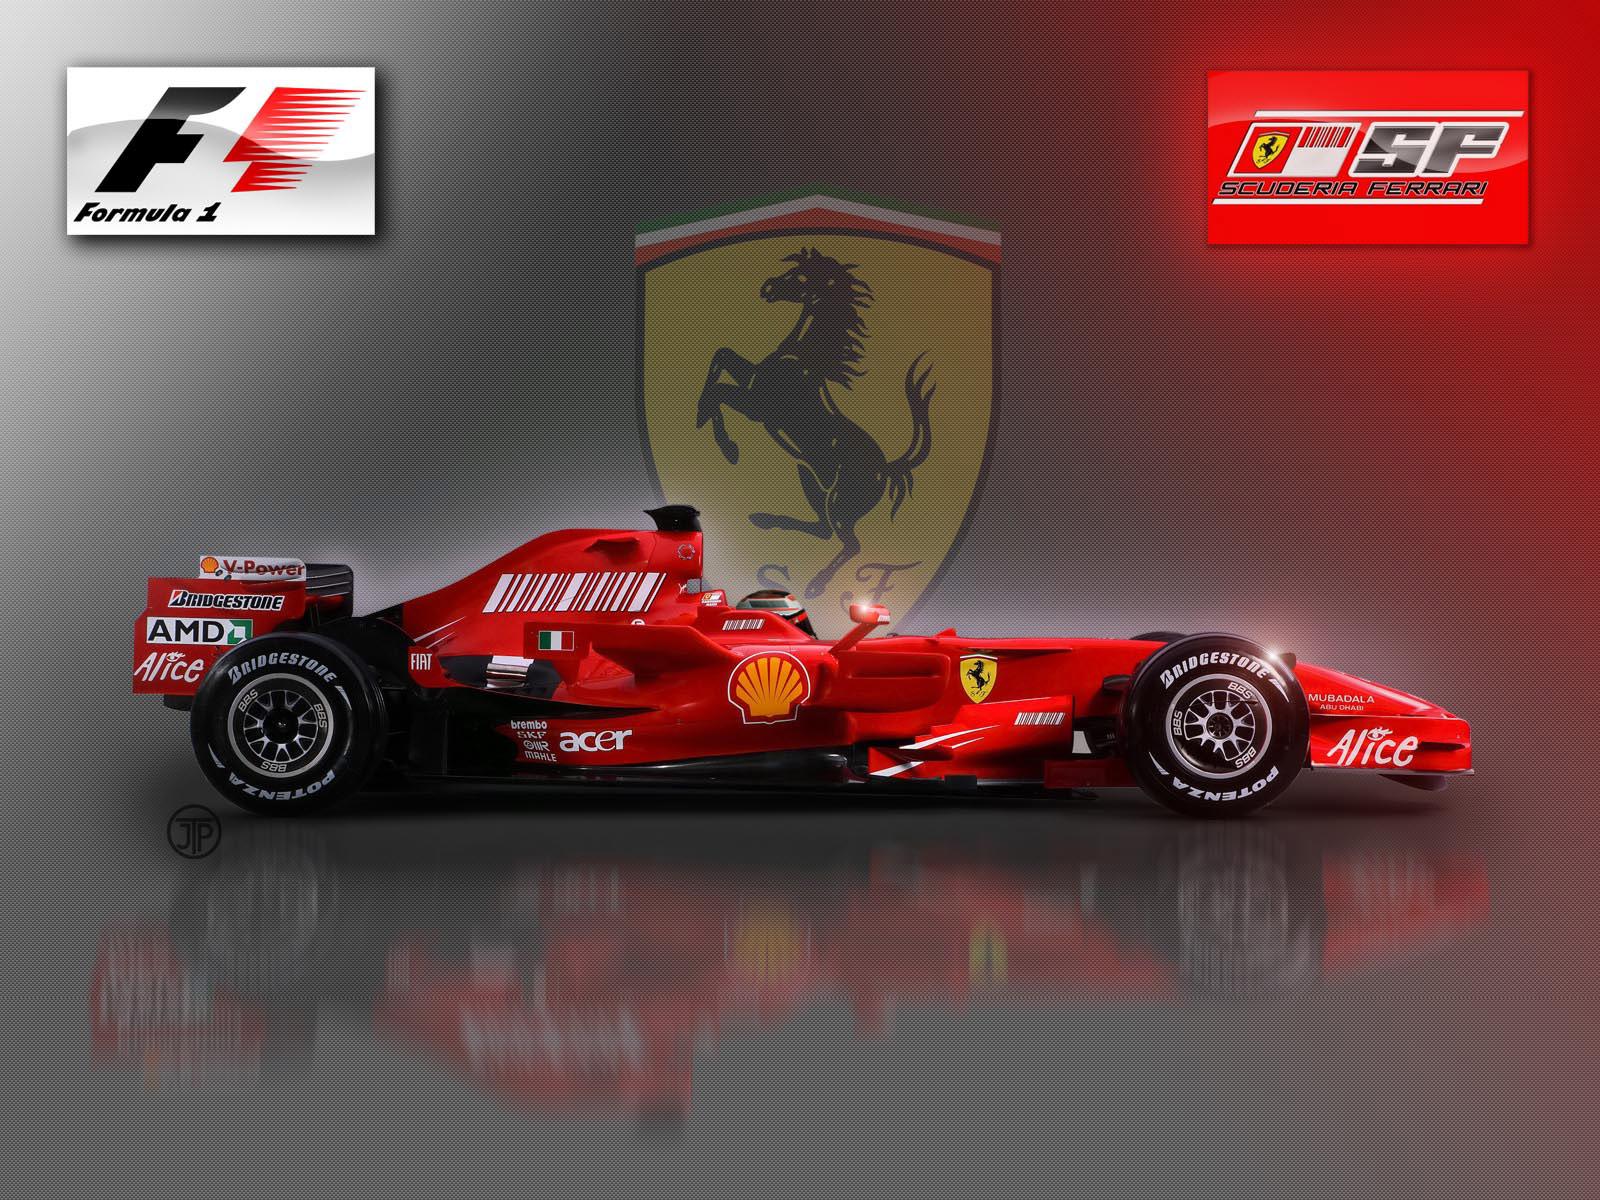 http://3.bp.blogspot.com/-LXzg1nVawuM/ULdYZi96YlI/AAAAAAAABDU/DJKYooTVKRg/s1600/Ferrari%20F1%20Wallpaper%203.jpg